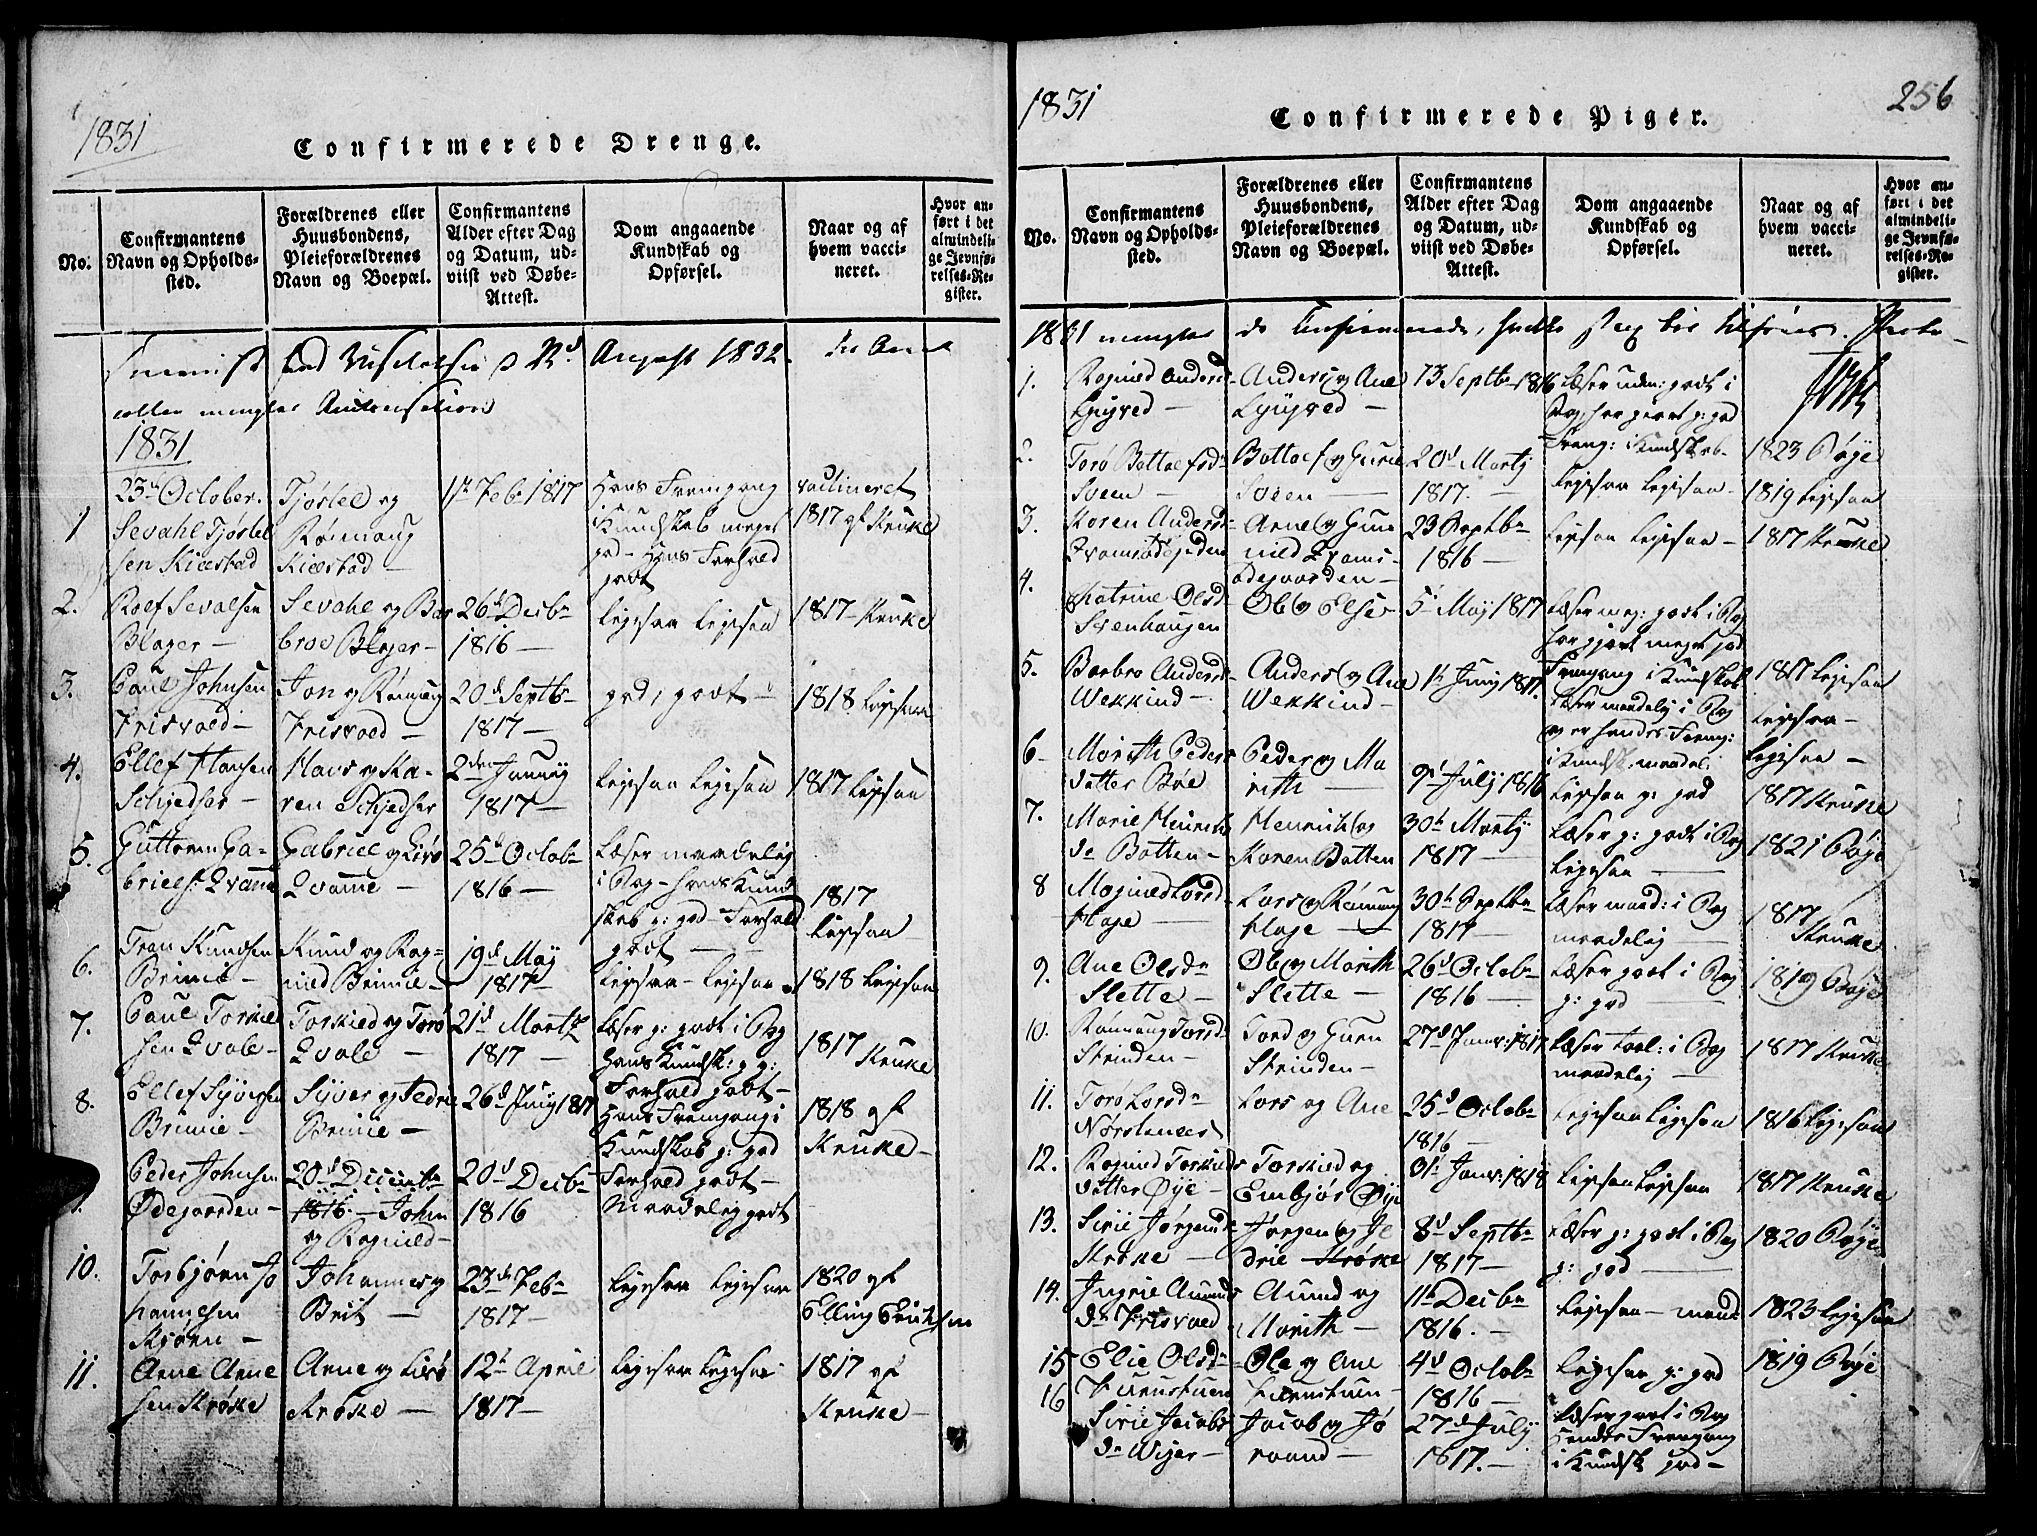 SAH, Lom prestekontor, L/L0001: Klokkerbok nr. 1, 1815-1836, s. 256